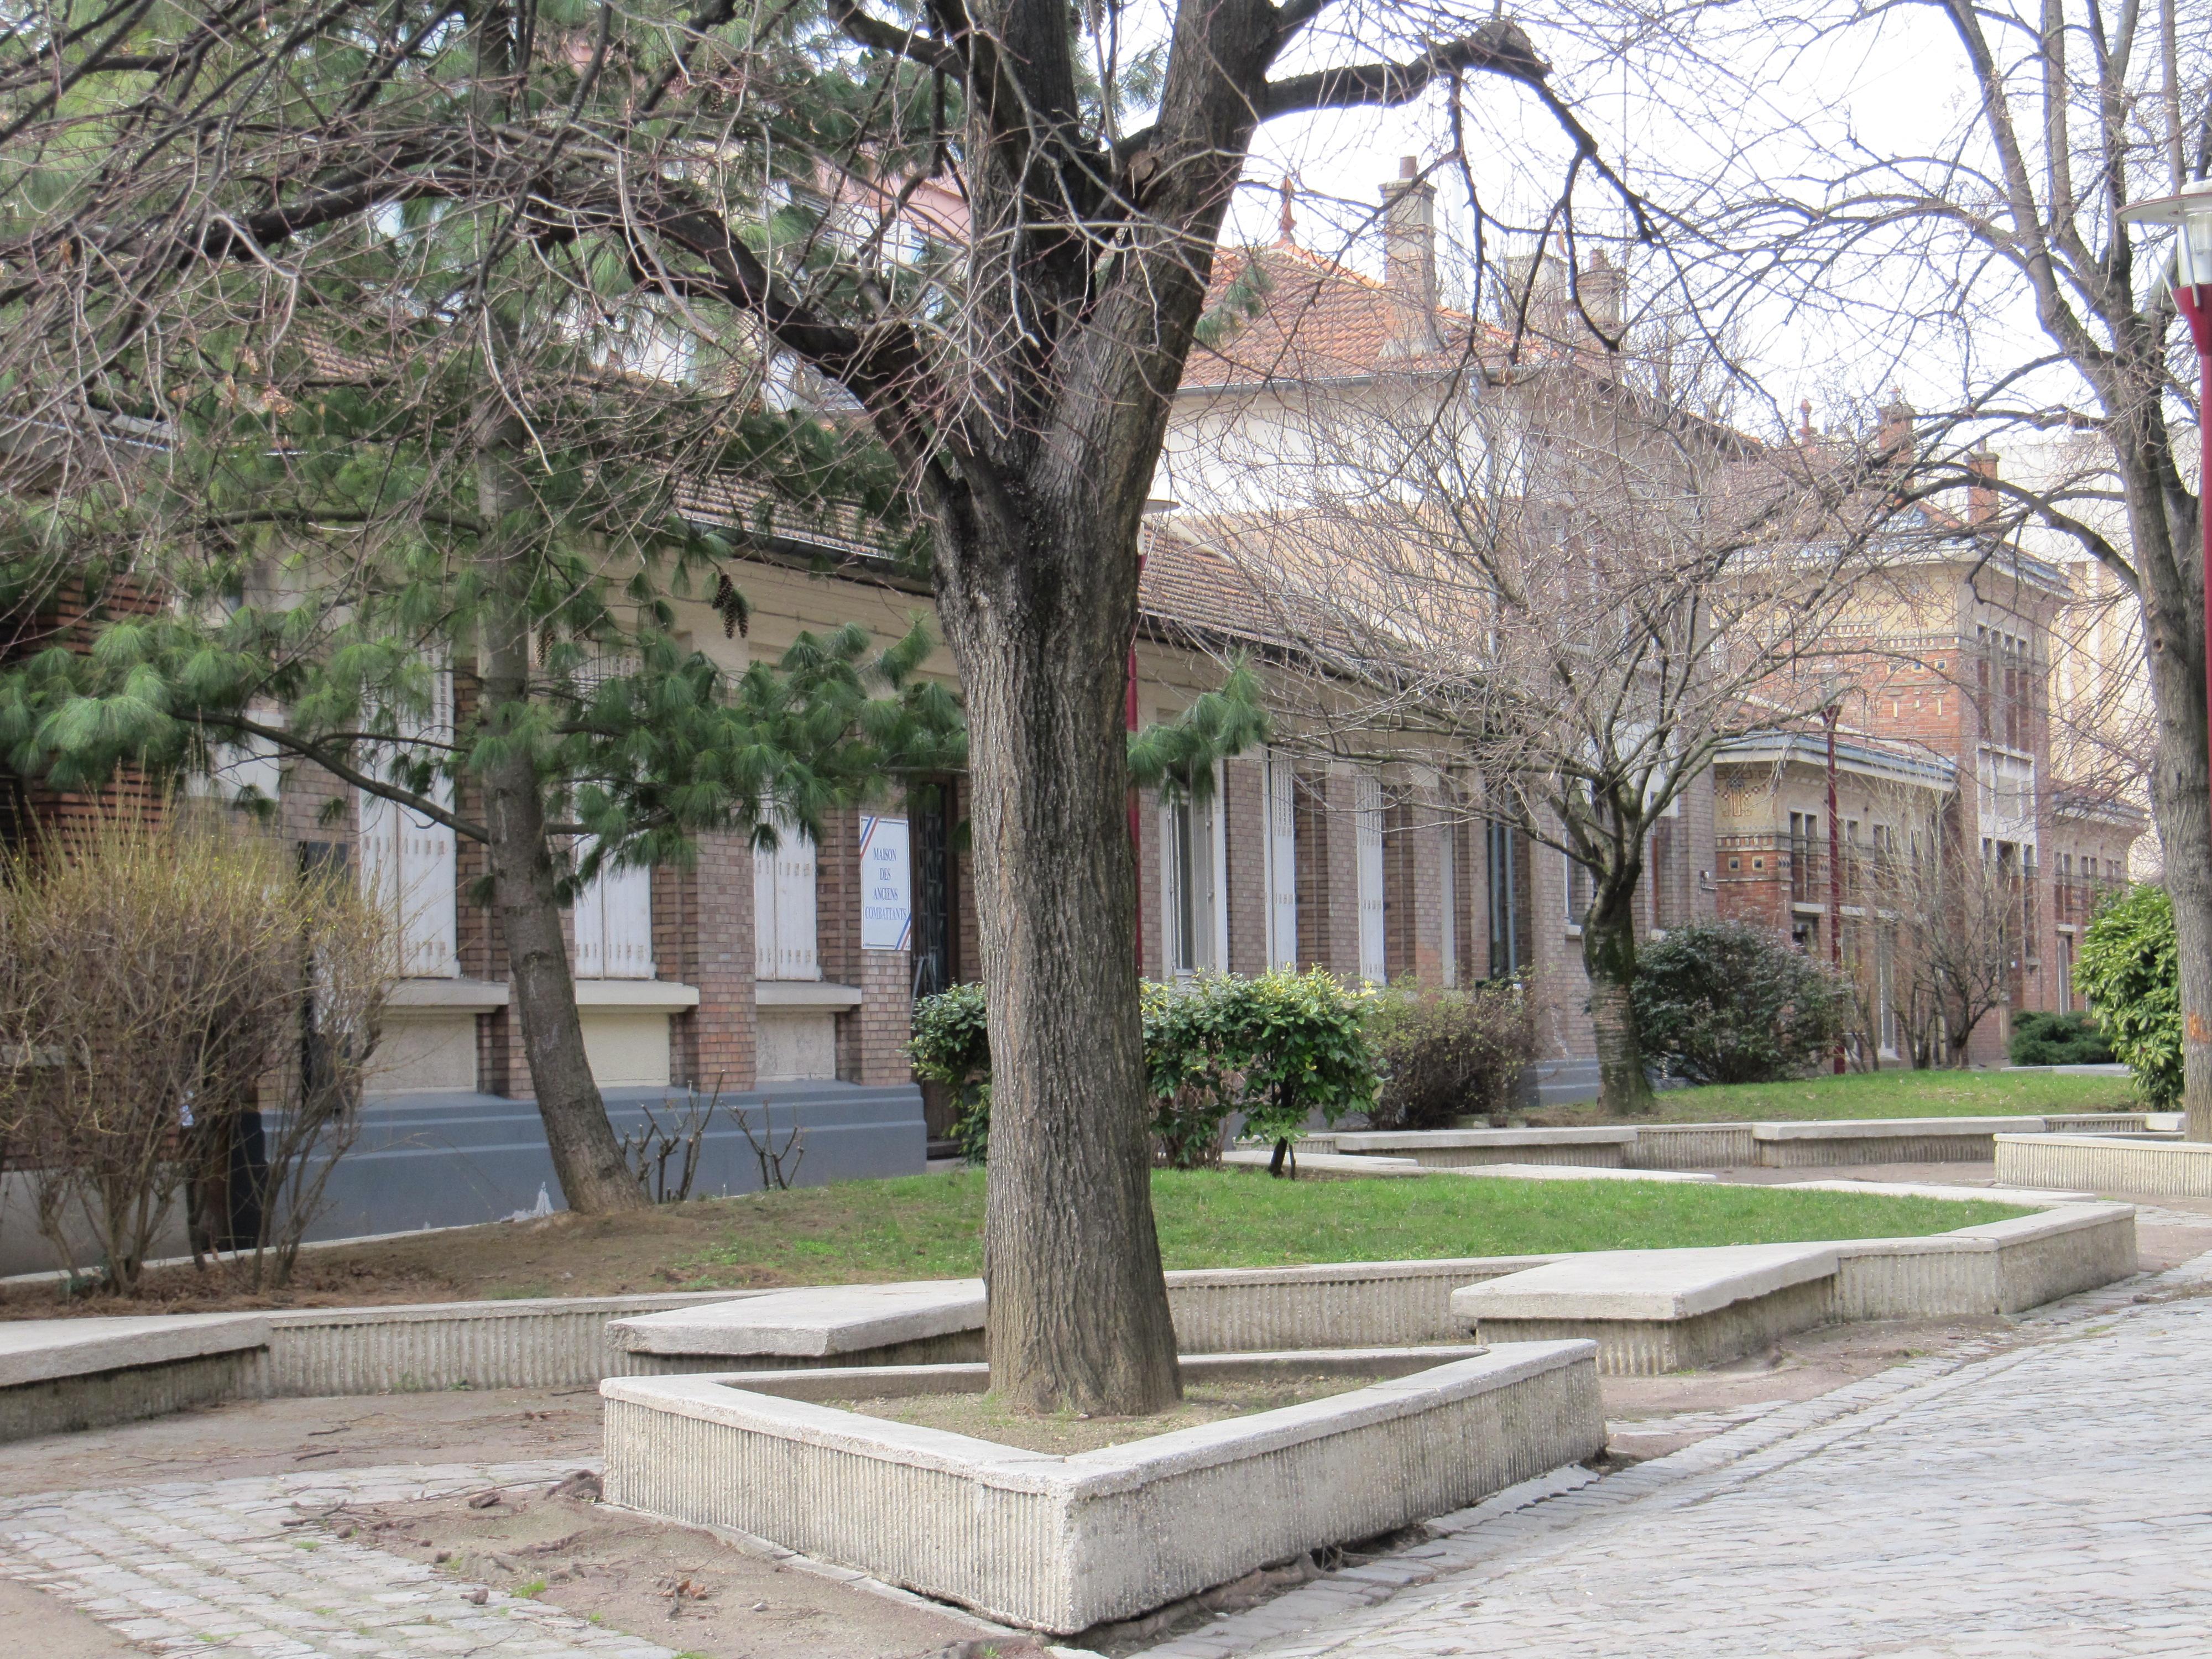 Le patrimoine de seine saint denis saccag par l avidit de leurs lus mur - Vente de domaine public ...